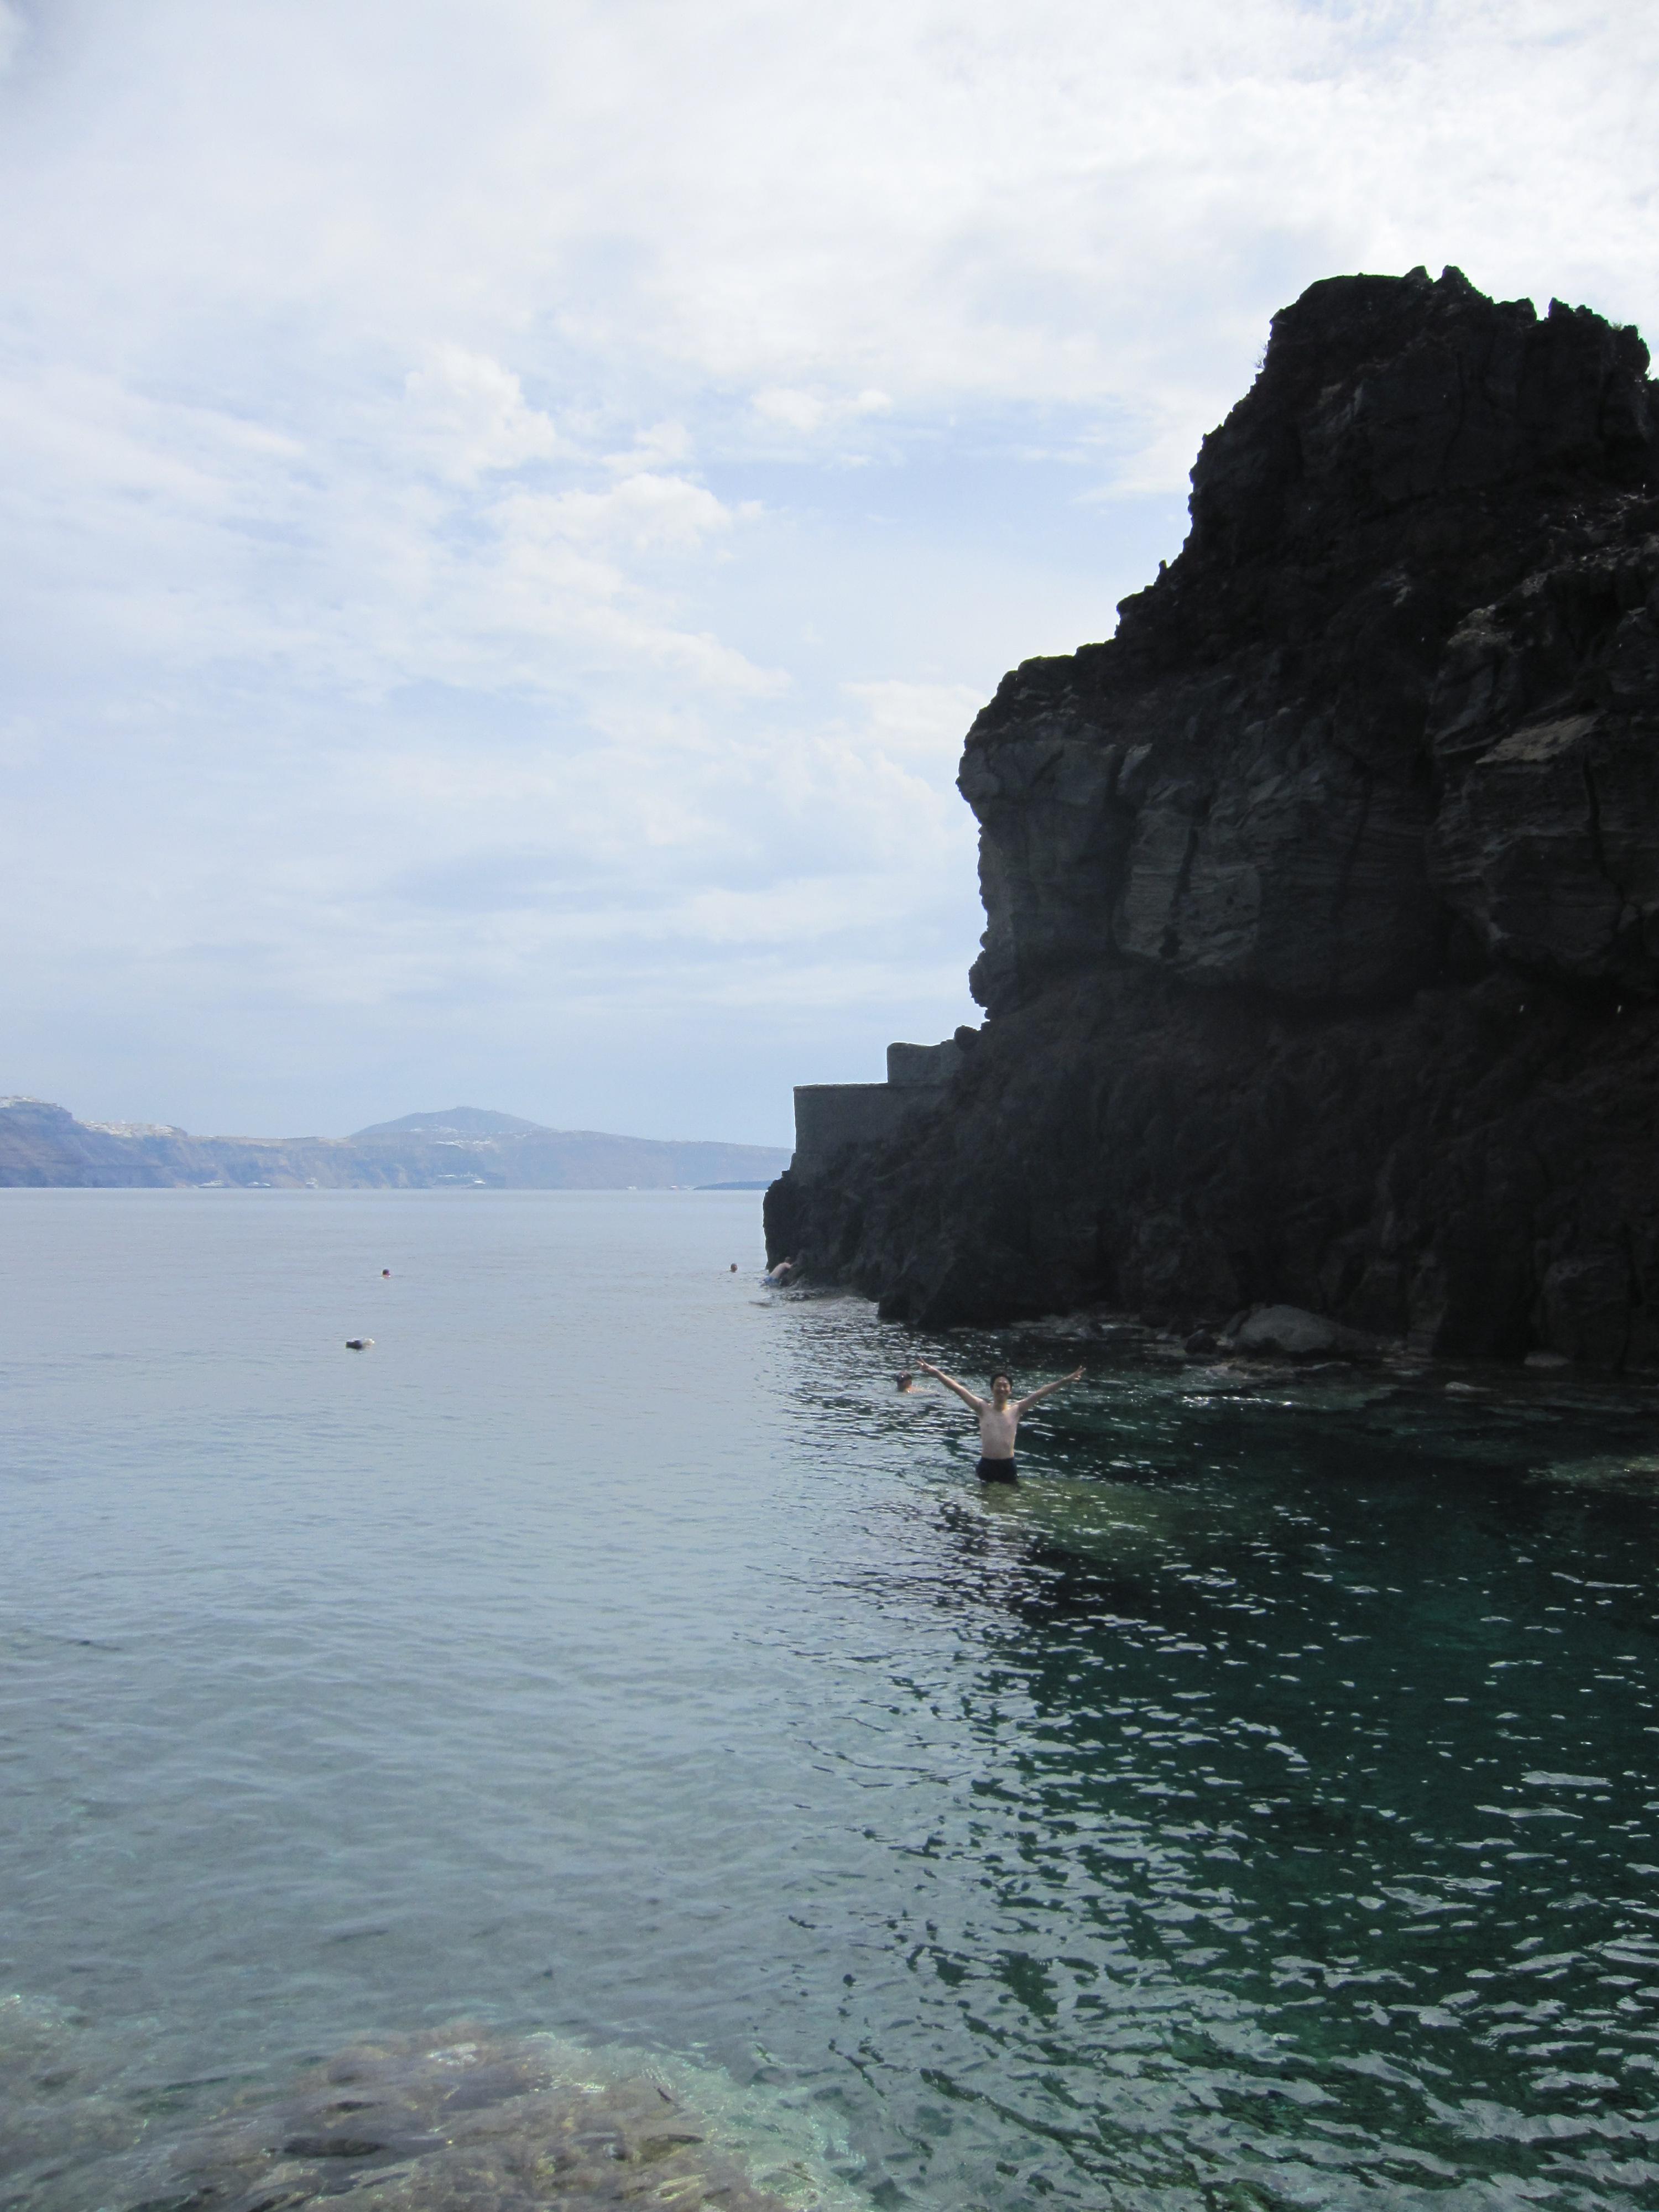 エメラルドグリーンのきれいな湖: 『おとぎの国でロマンチックジャーニー♪ ~vol.③ エーゲ海で